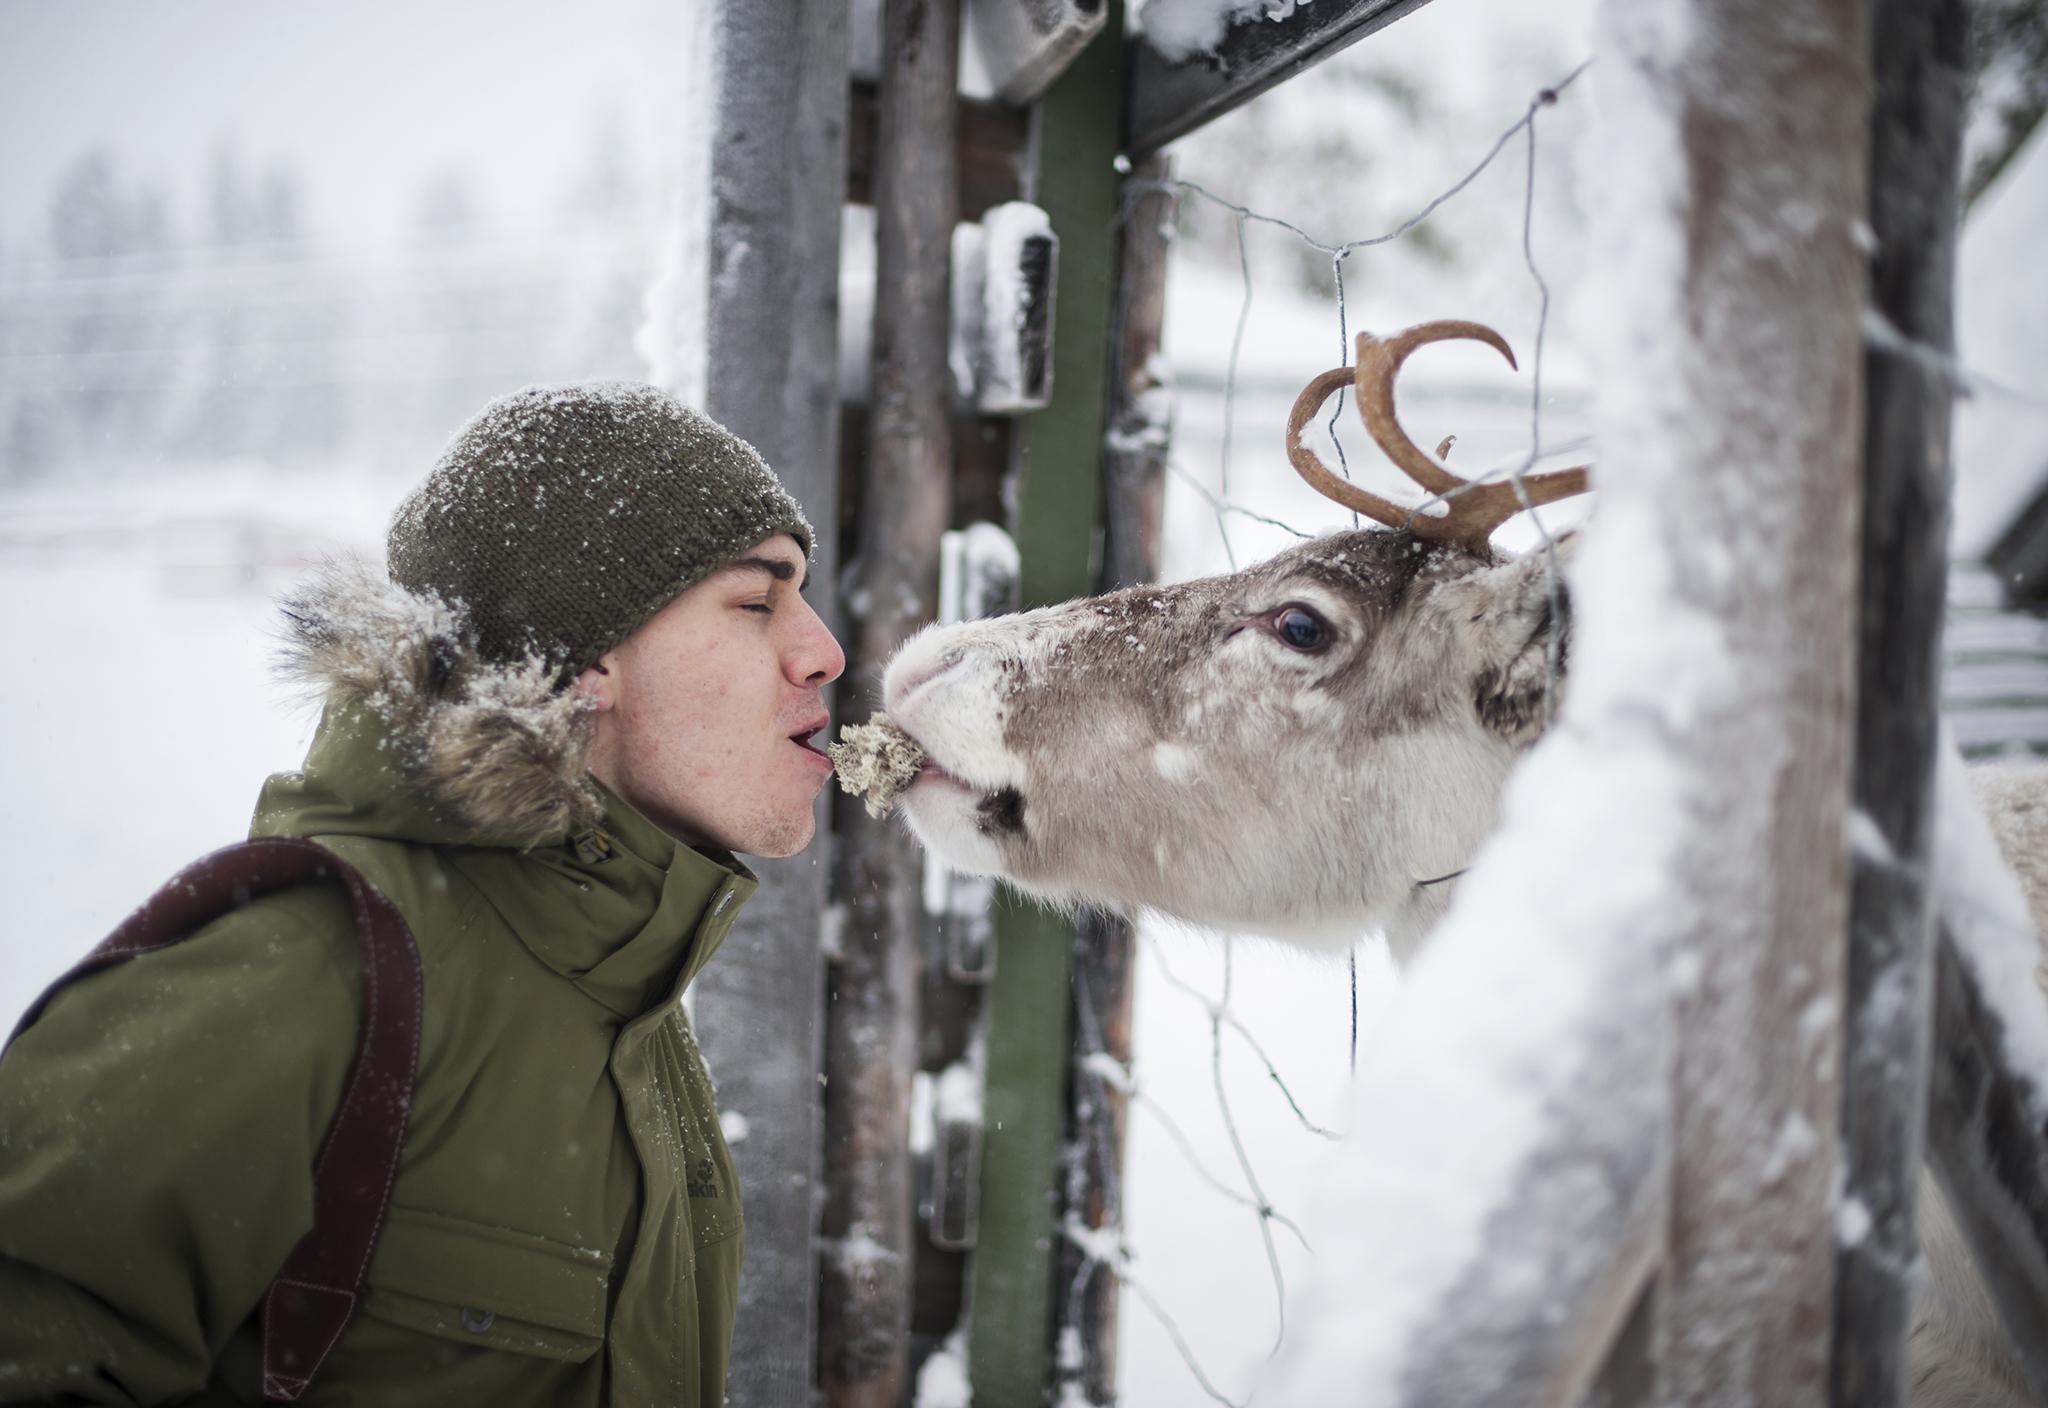 Sami Reindeer gatherings in Lapland, Finland, by Nadim Kestila